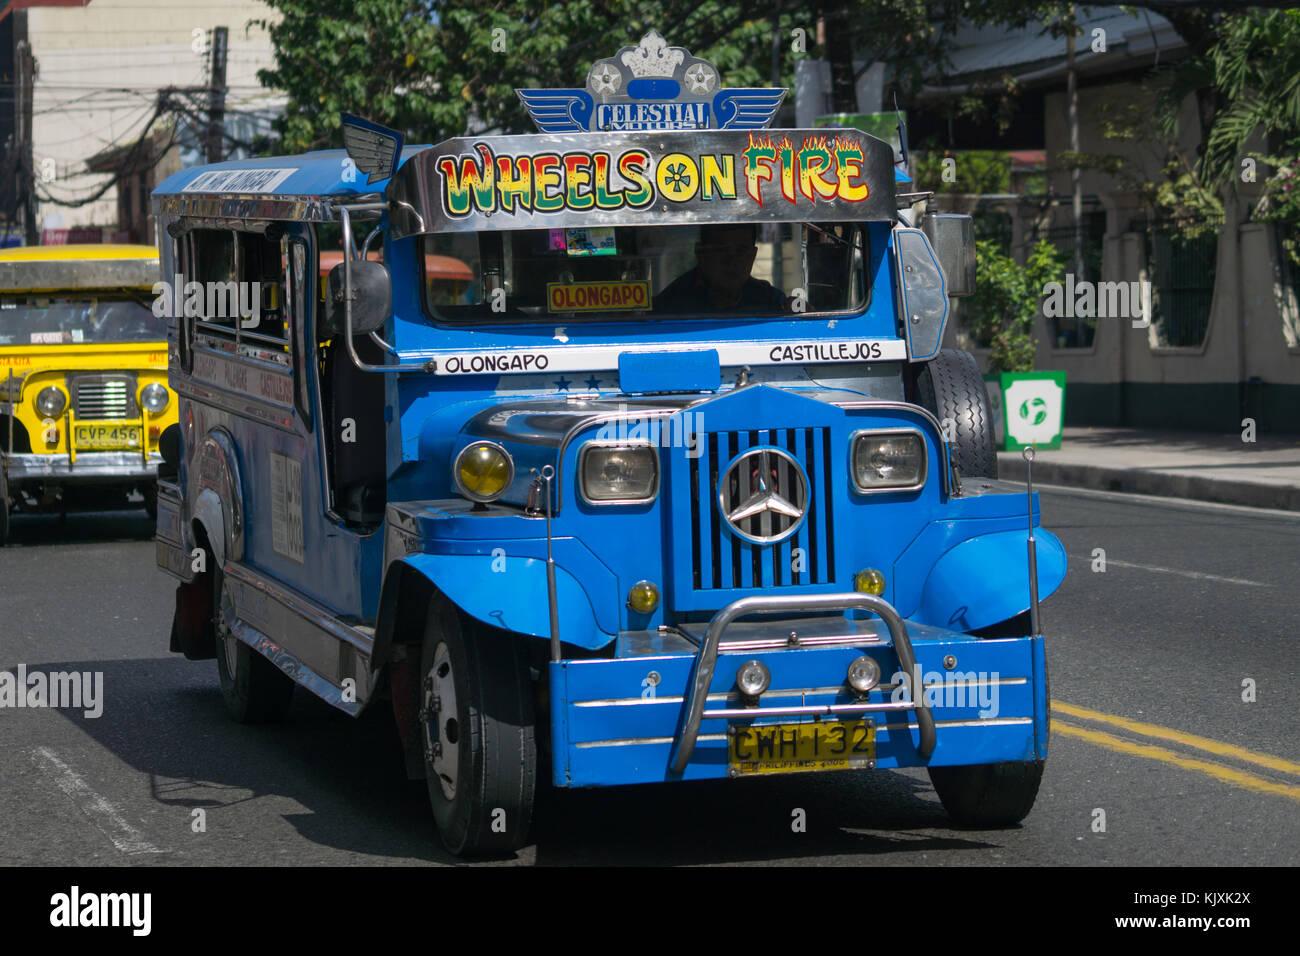 Un jeepney Utilidad Pública azul con el vehículo circulando en la ciudad de Olongapo,Bataan, Filipinas Foto de stock